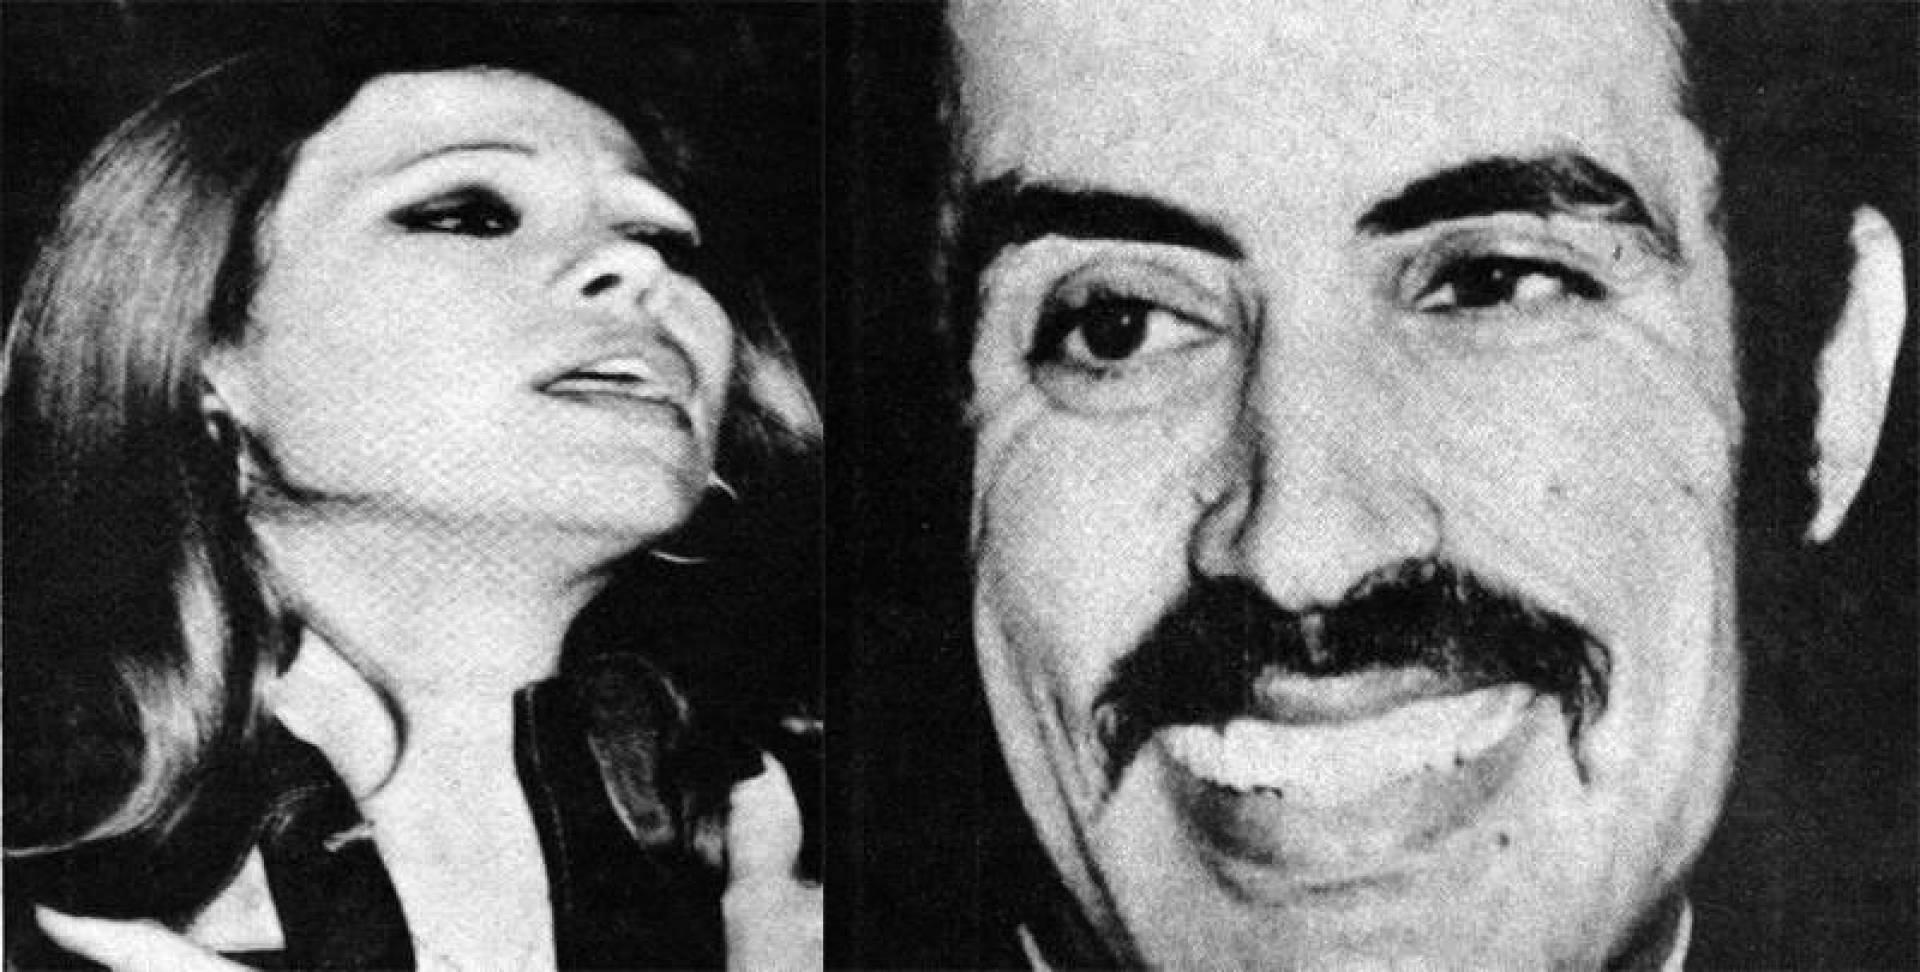 عصام رجي و ليز سركسيان بطلا مسرحية